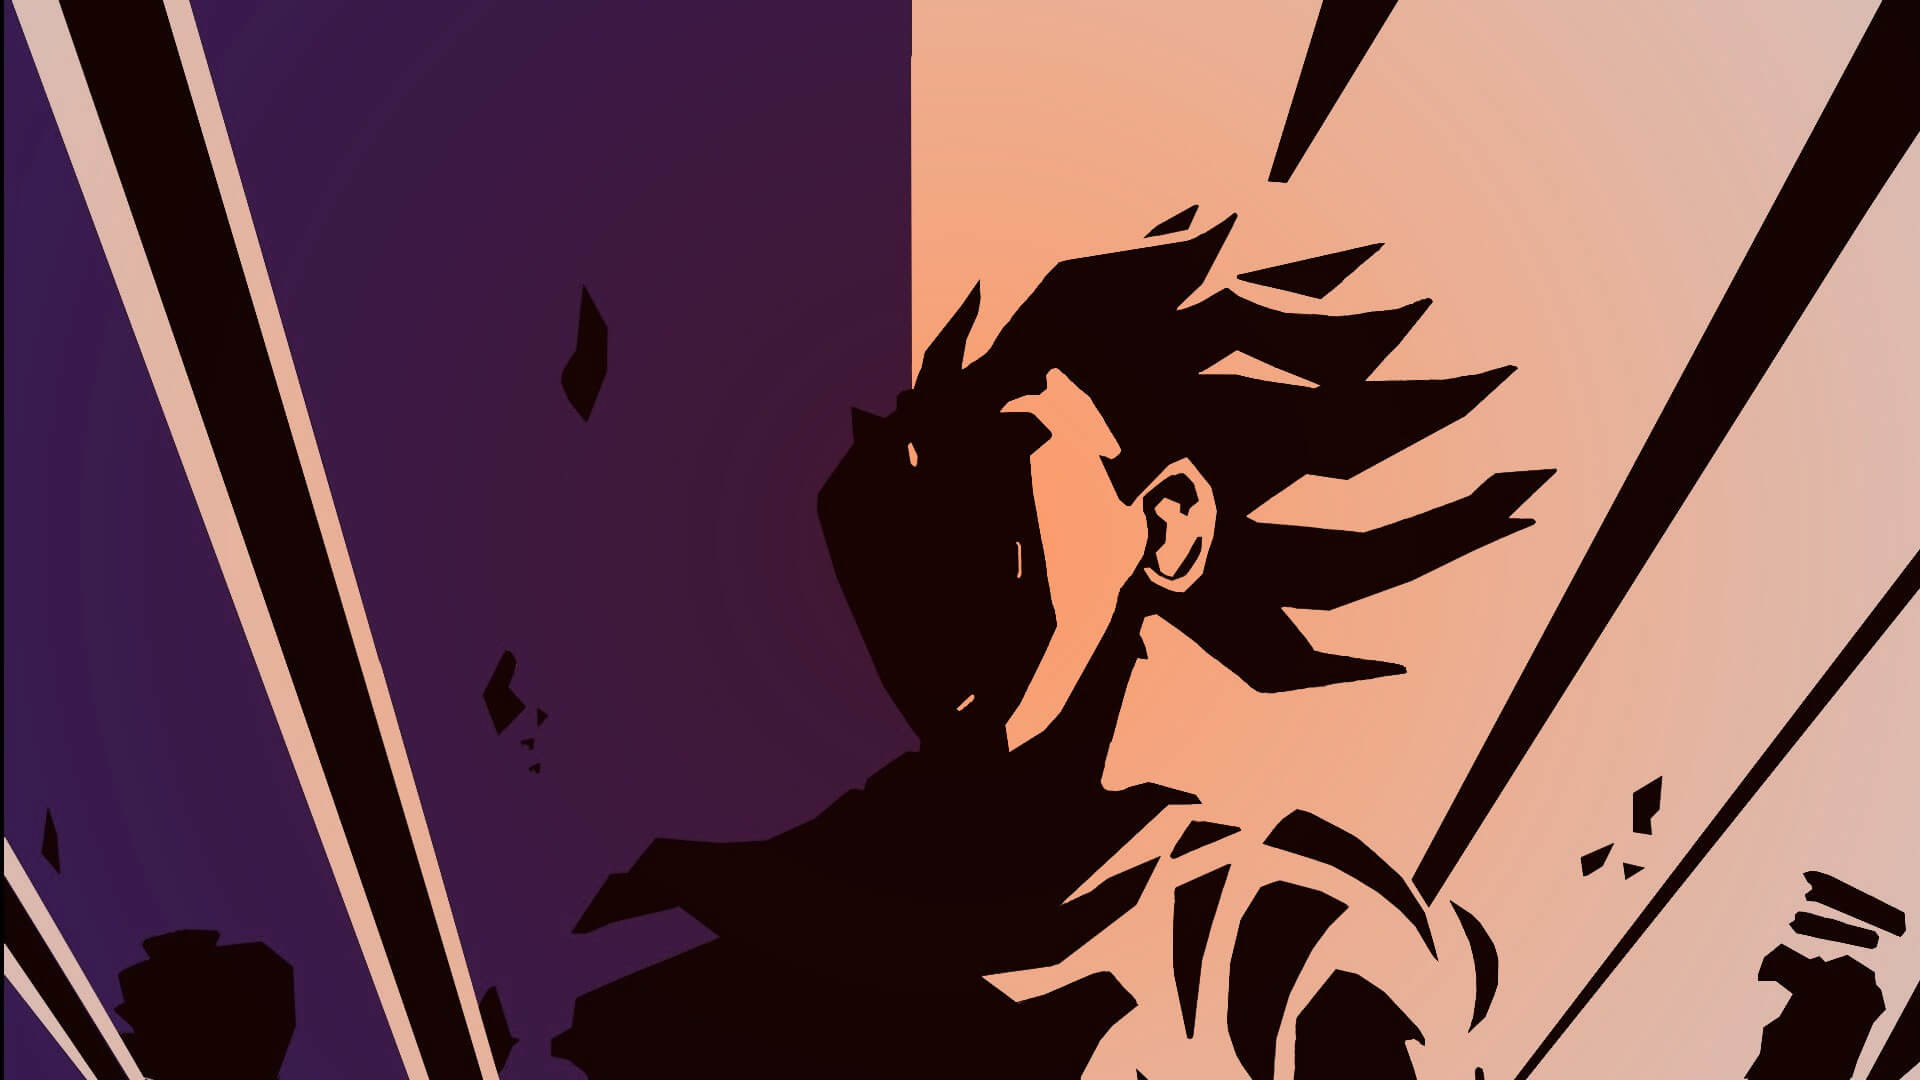 Dragon Ball Z Vegeta Hd Wallpapers.